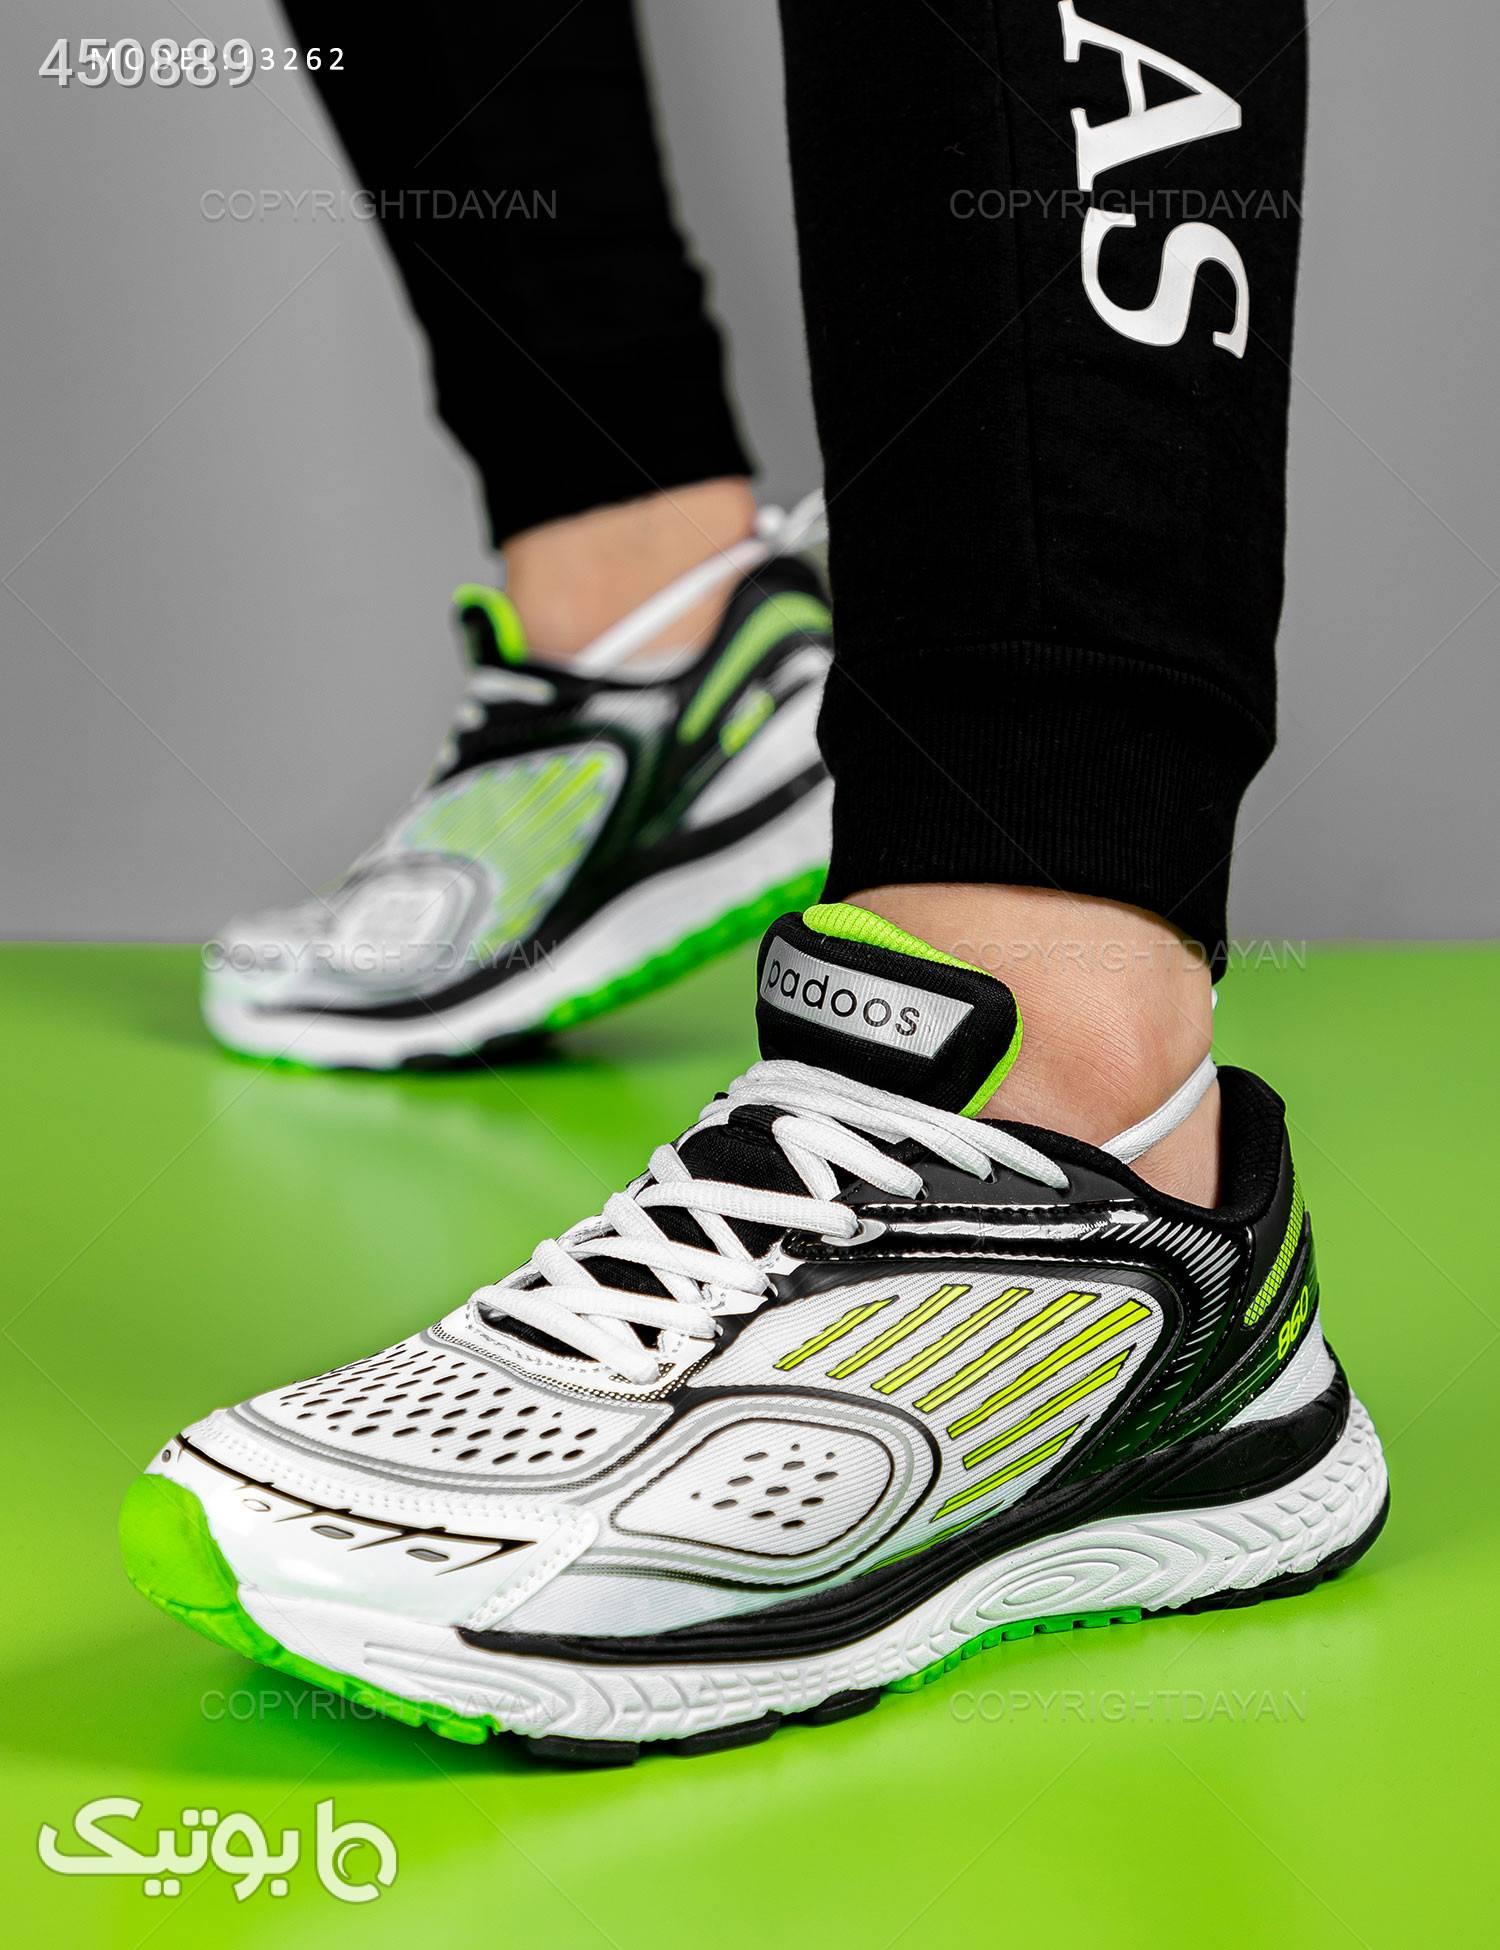 کفش مردانه Adidas  مدل 13262 سبز كتانی مردانه